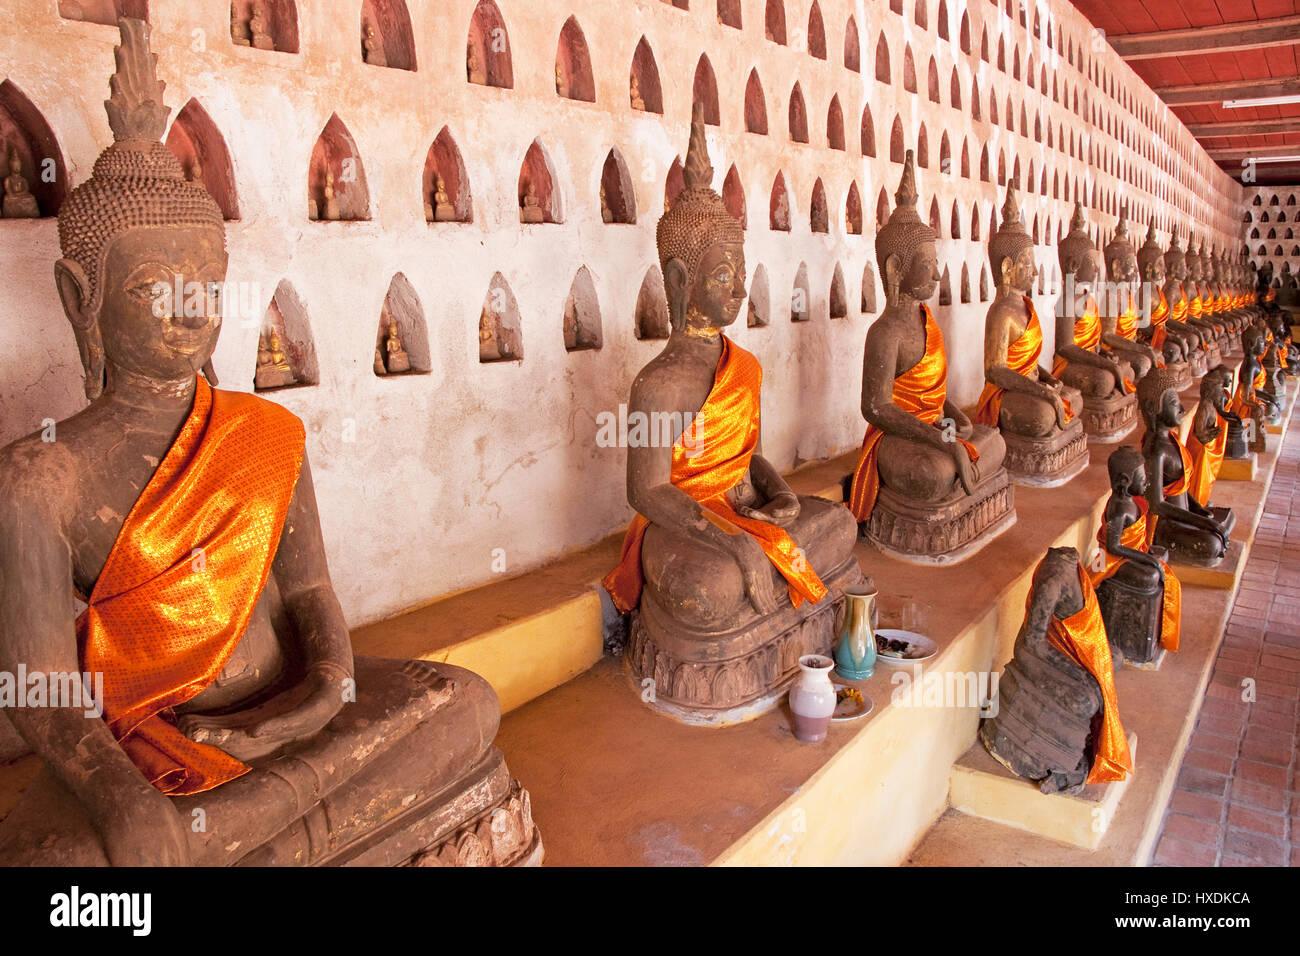 Buddhas at Wat Sisaket Buddhist Monastery in Vientiane, Laos. - Stock Image